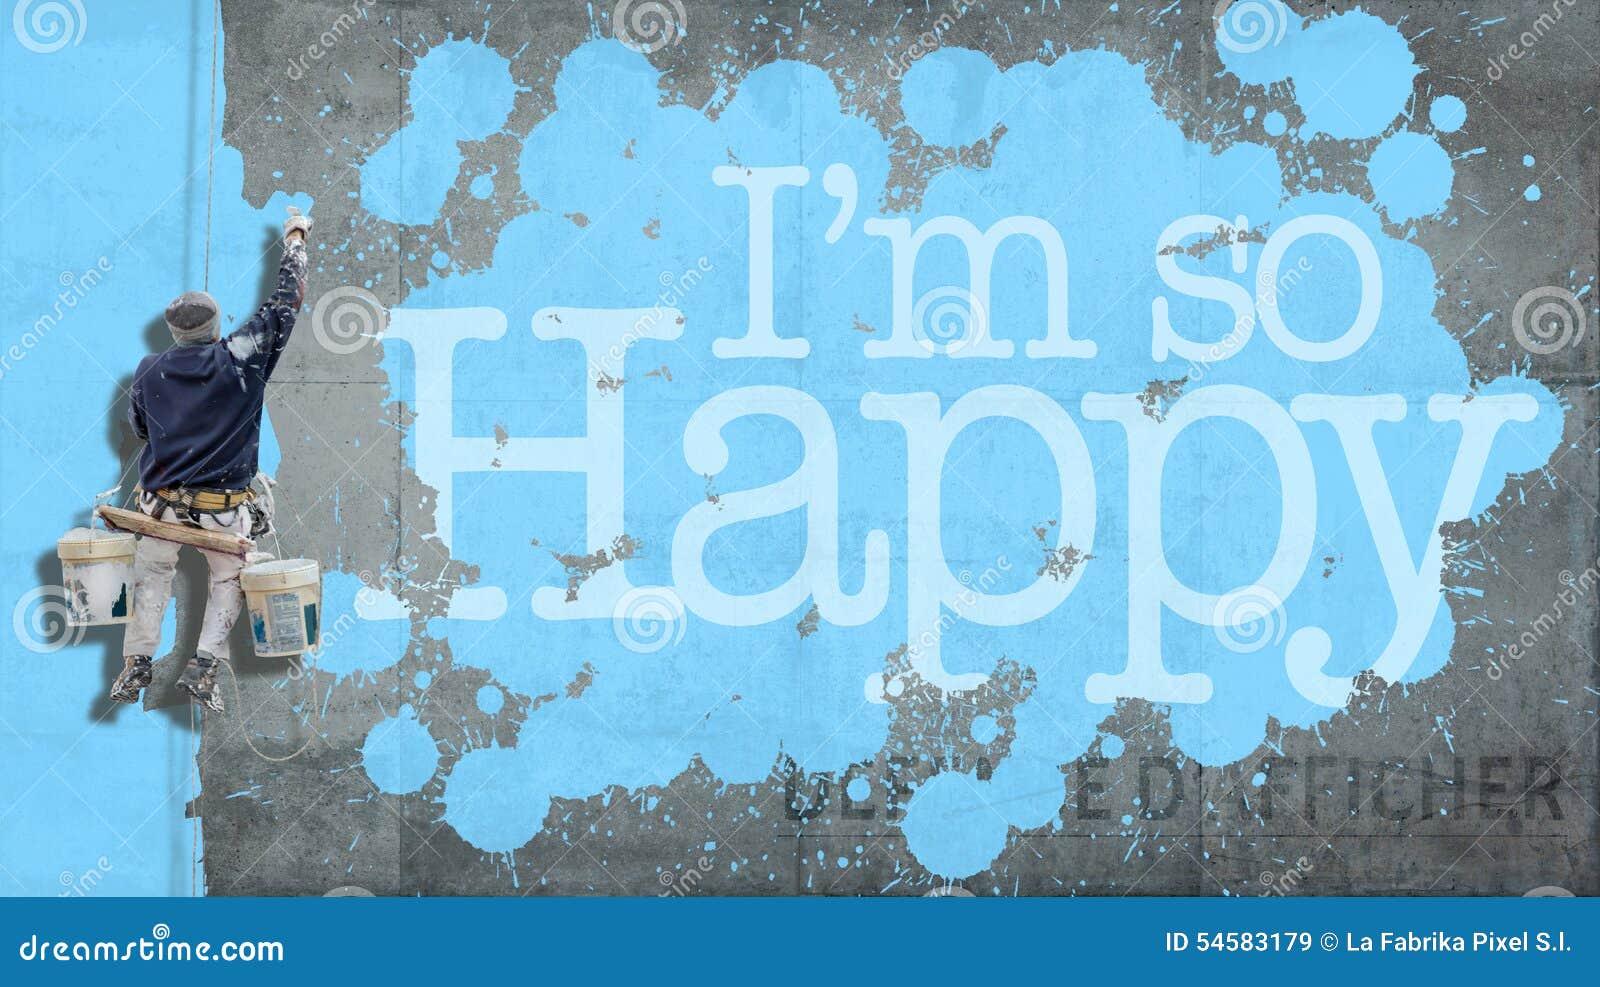 ik ben zo gelukkig